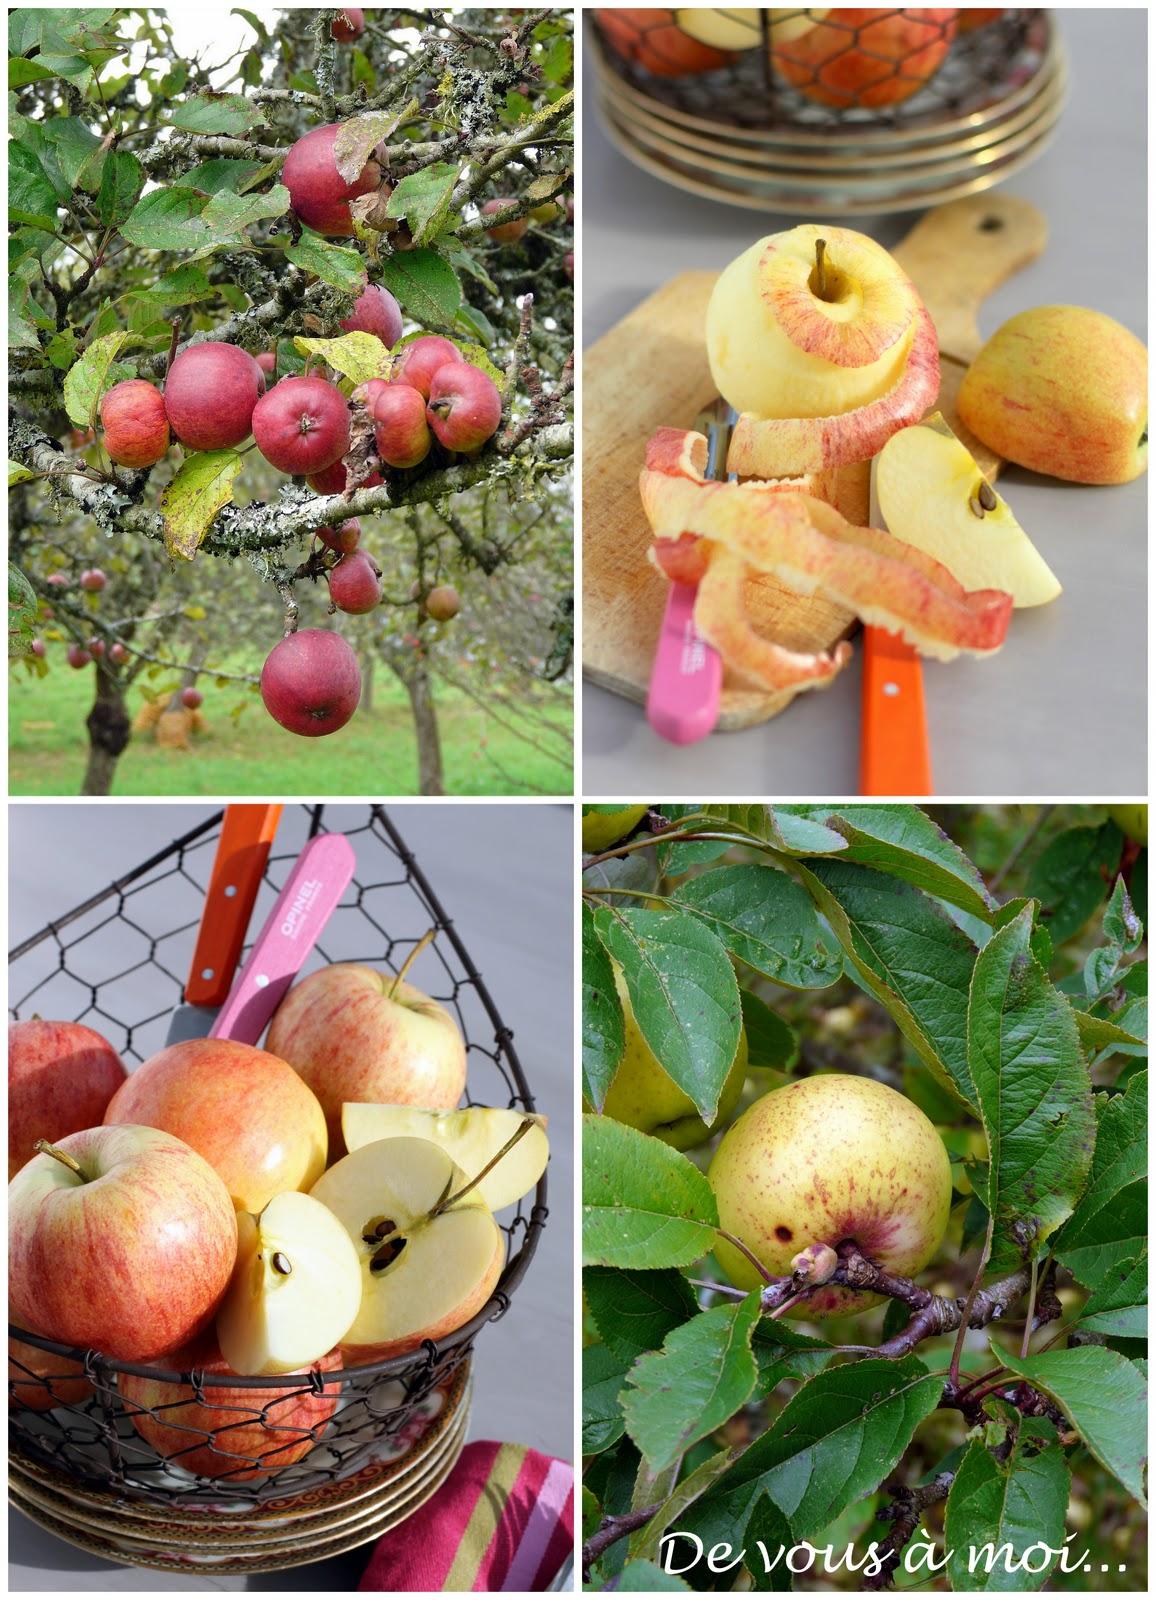 De vous moi tarte aux pommes ma fa on - Tarte soleil aux pommes ...